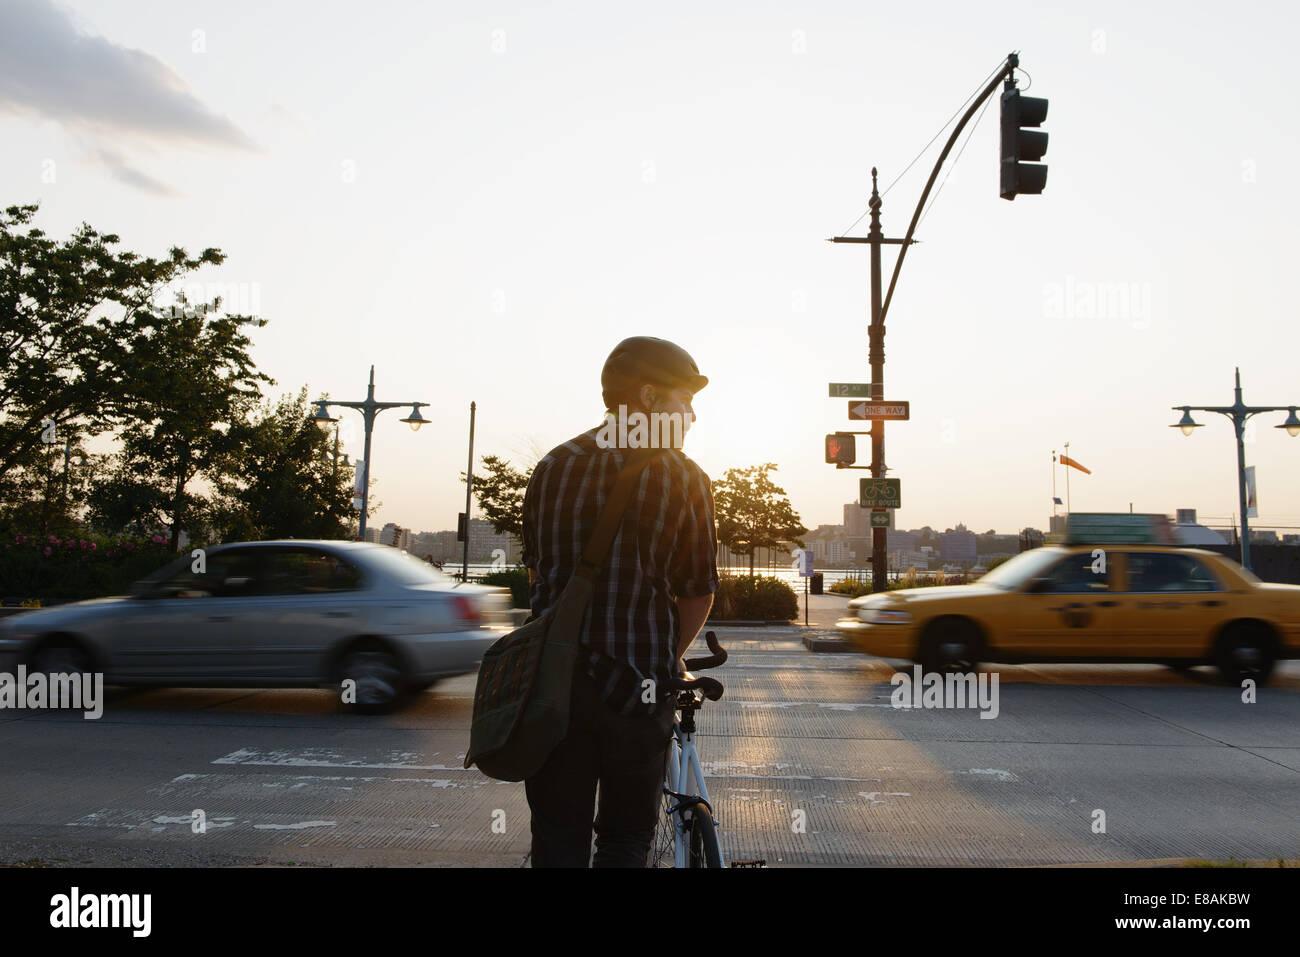 Männlichen Zyklus Bote warten, stark befahrene Straße zu überqueren Stockbild